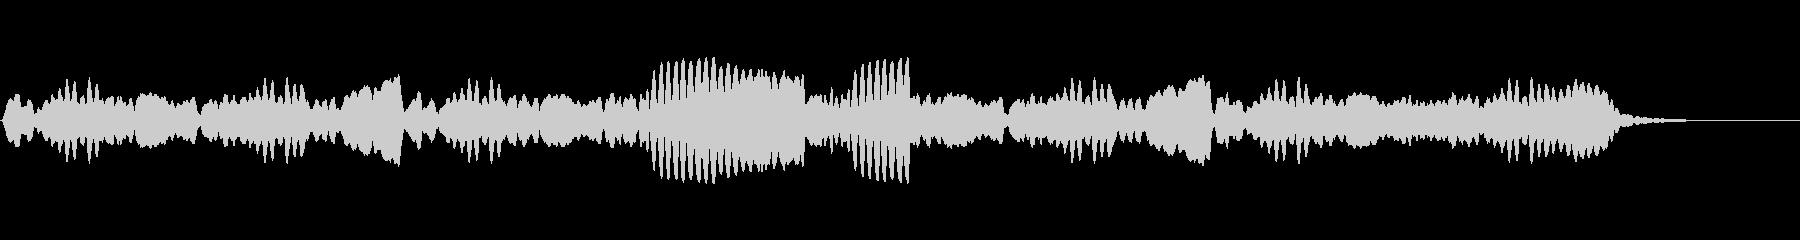 アメージンググレース /フルートソロの未再生の波形